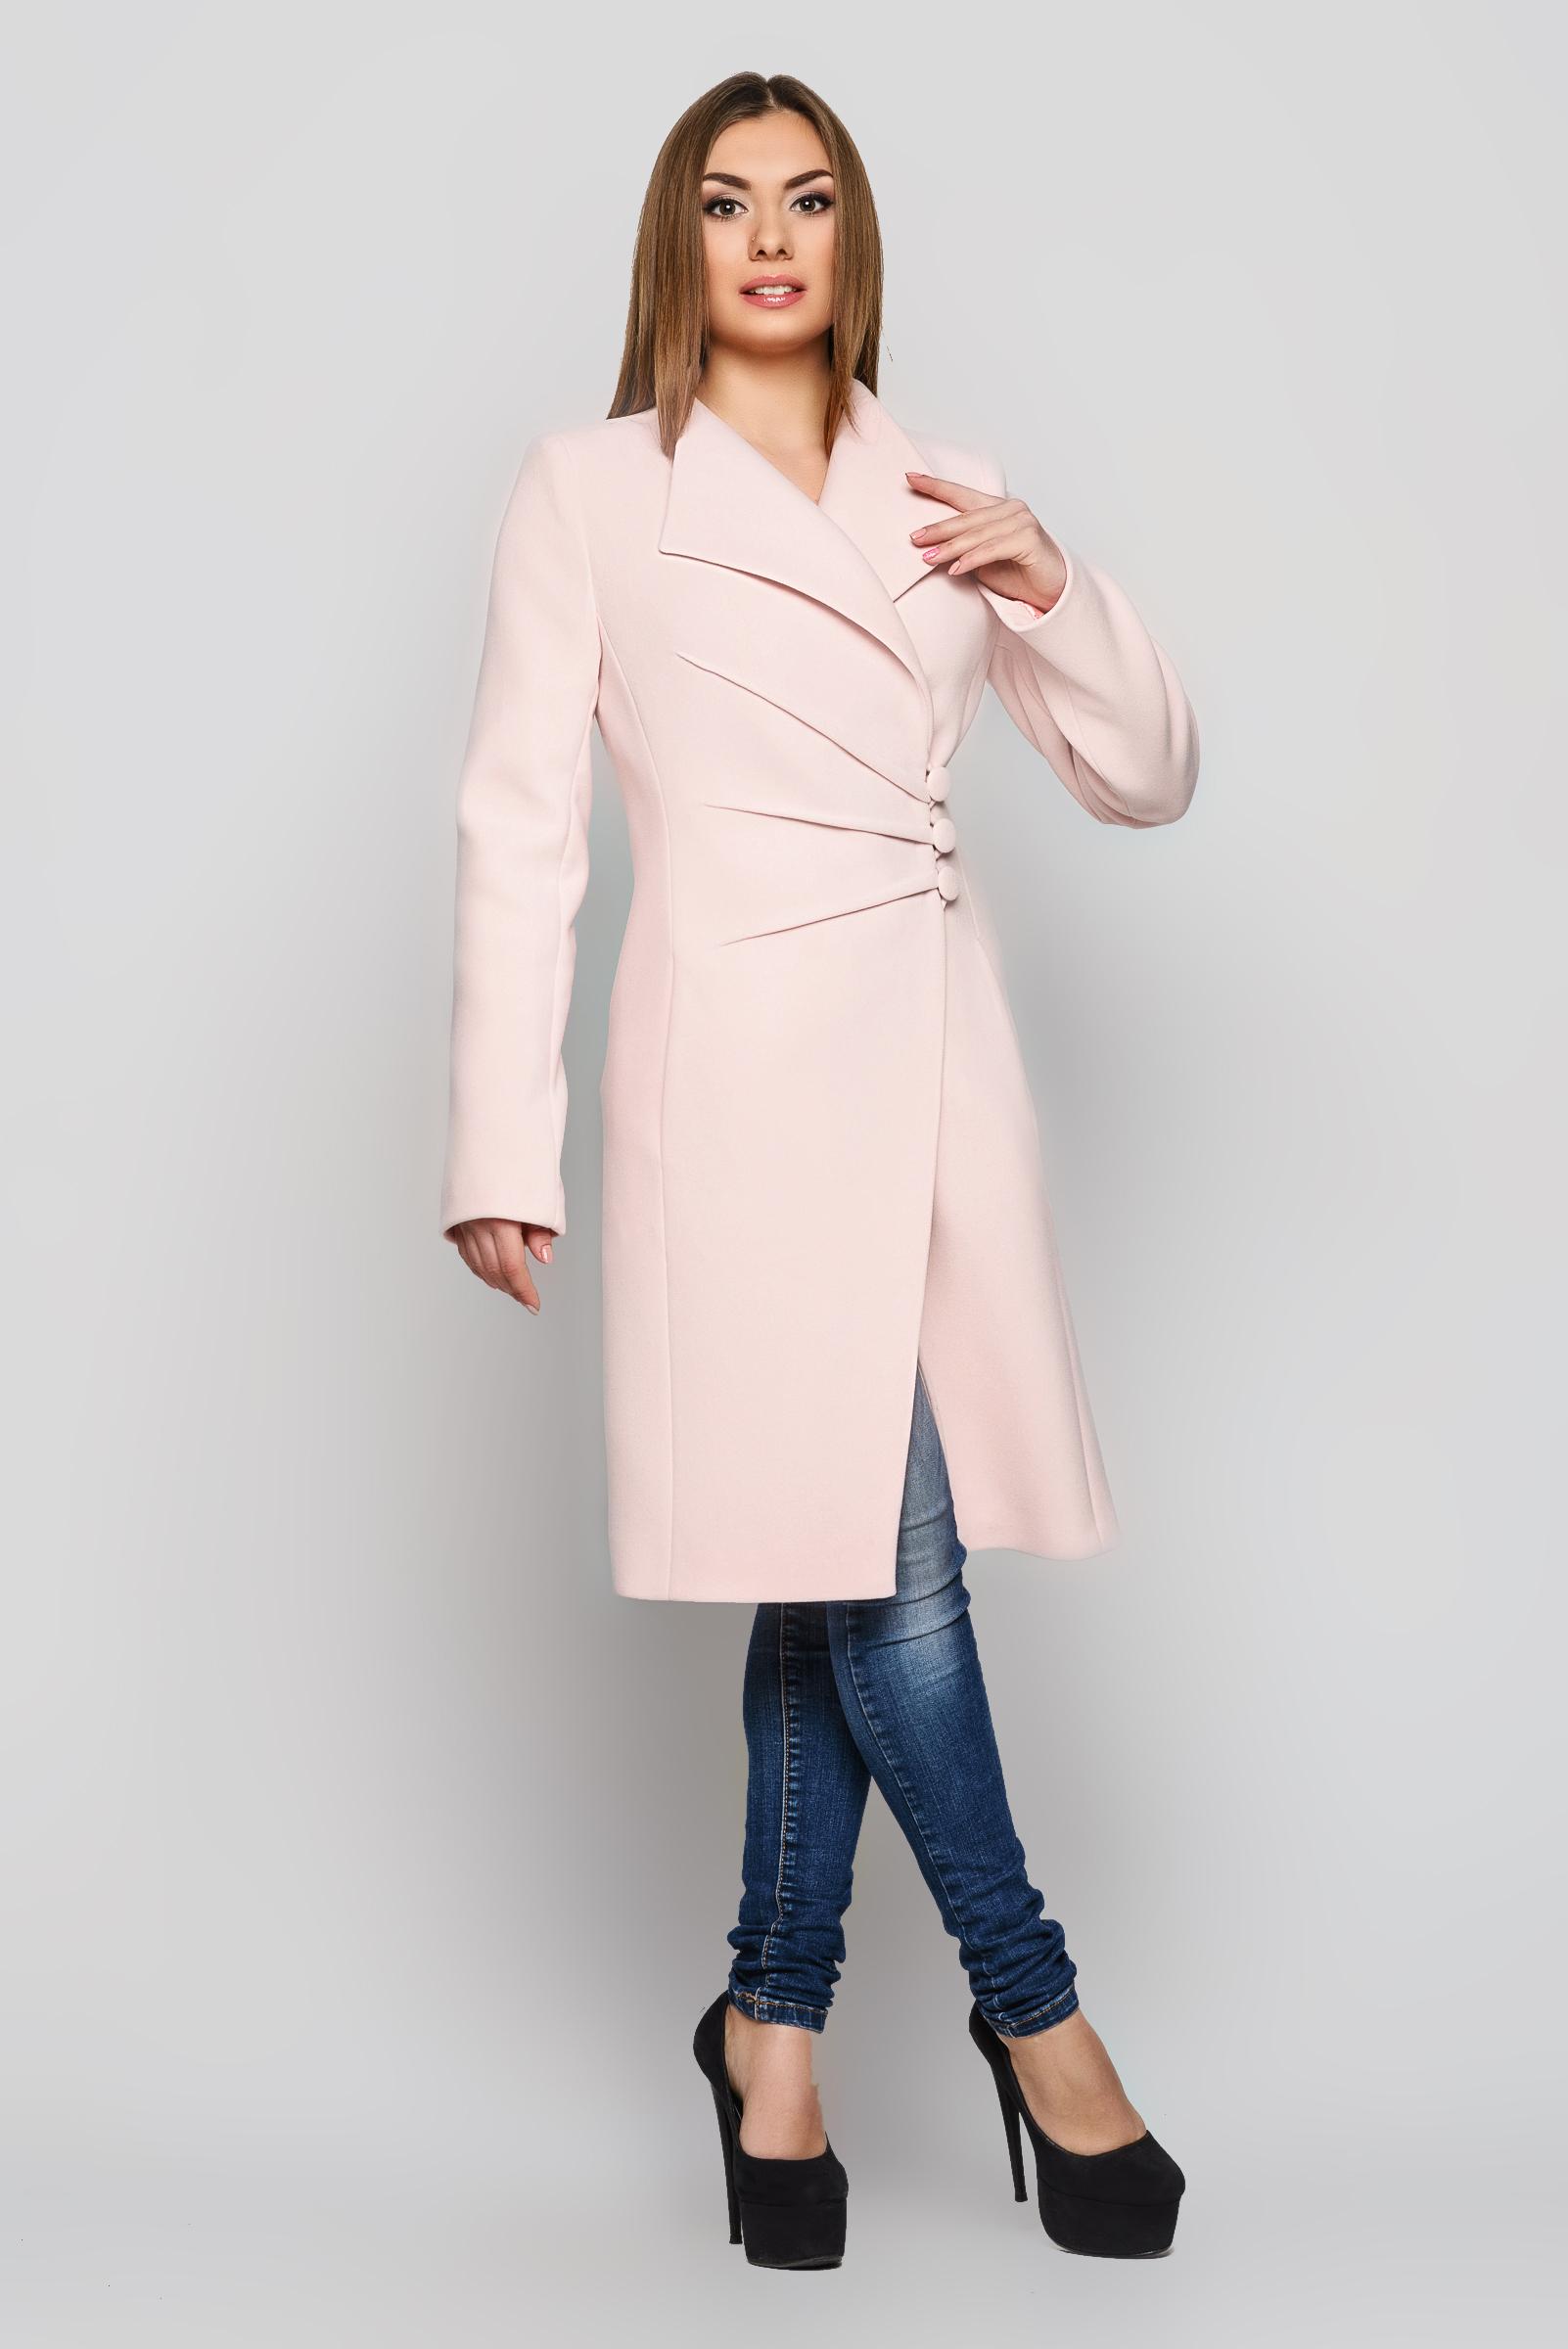 4583a681316ccd Szukając najlepszego płaszcza na jesień i zimę, często zastanawiamy się, na  jaki typ postawić. Niektórzy największą uwagę zwracają na to, by płaszcz  był ...